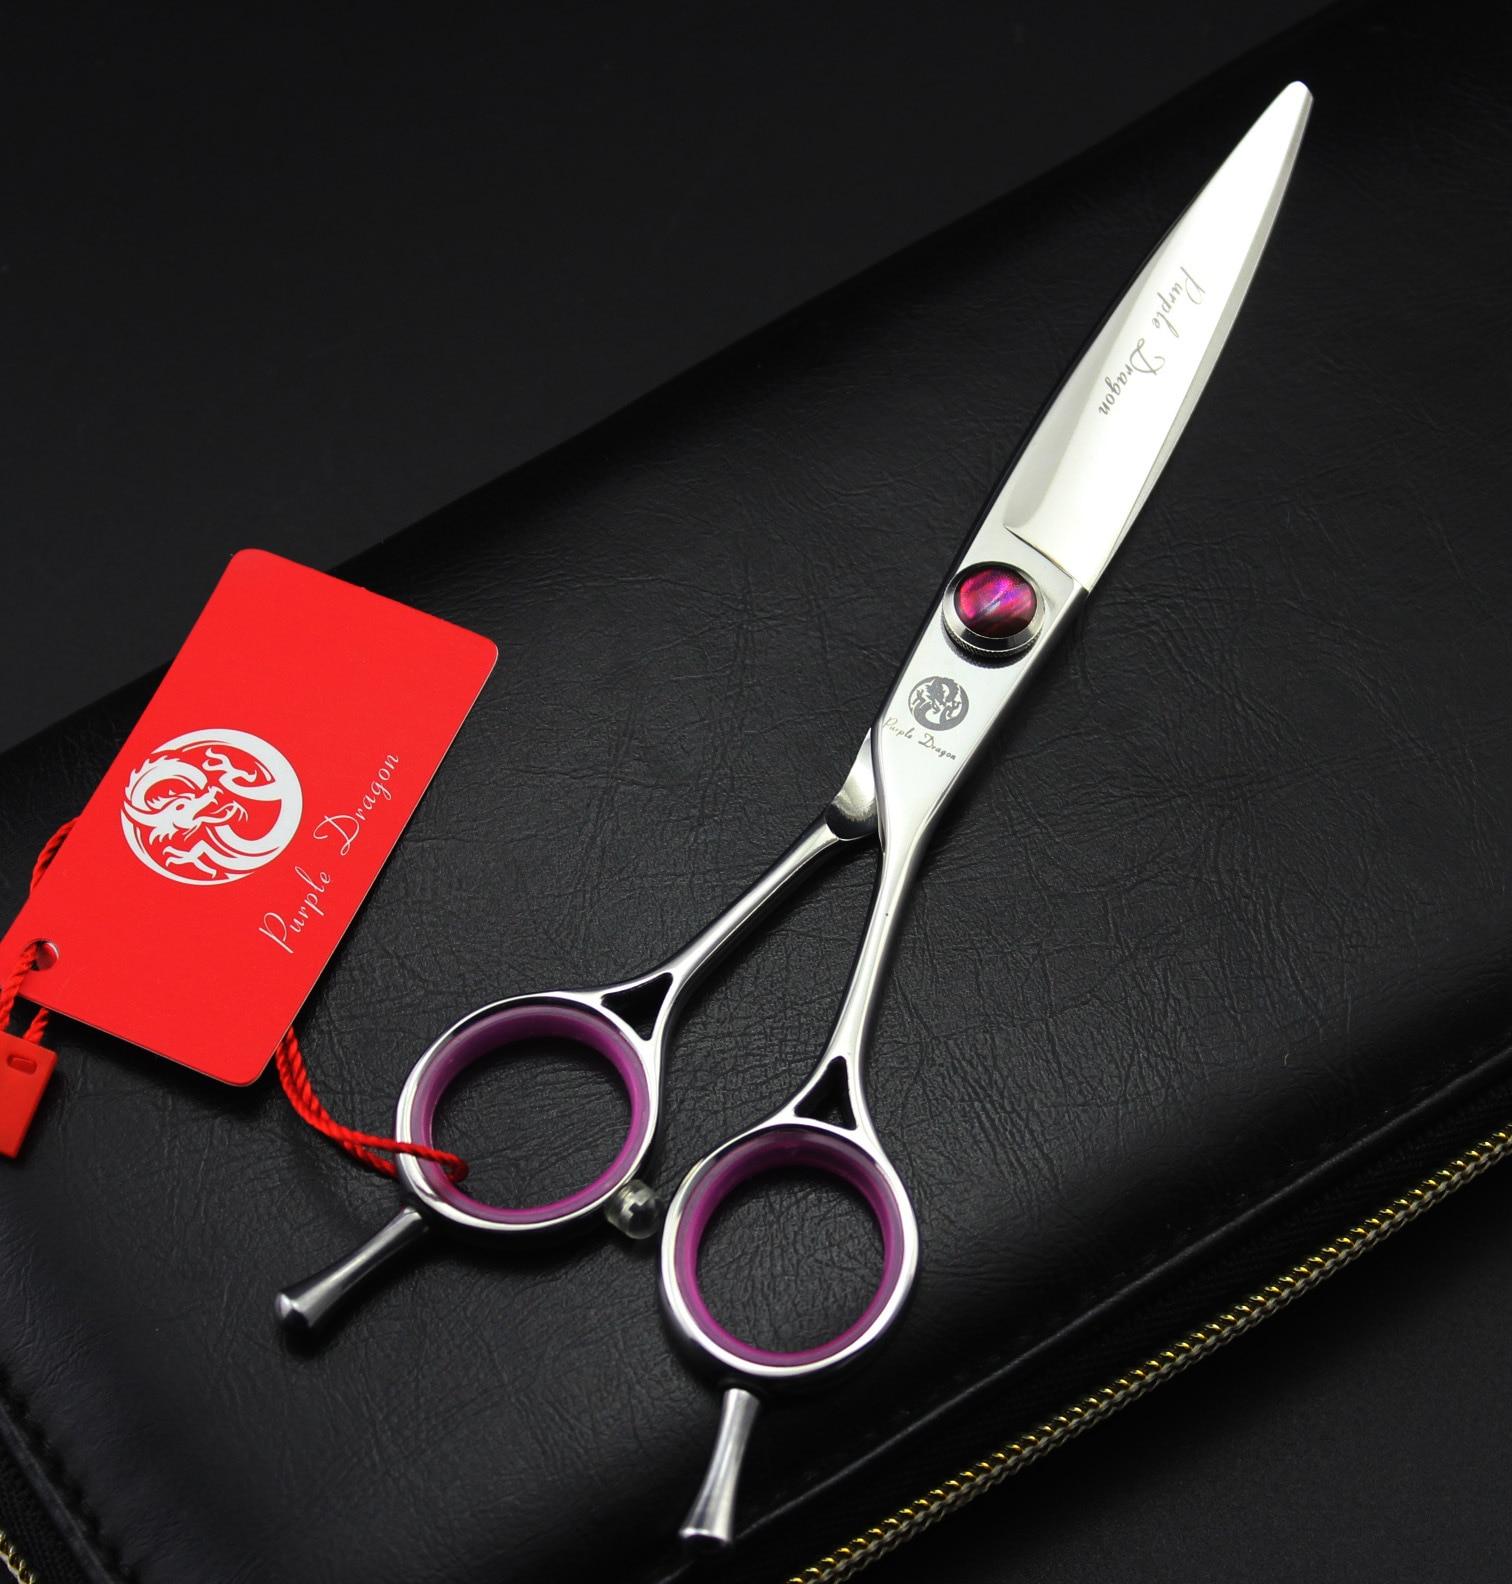 6 japanese hair scissors barber razor hairdressing scissors professional6 japanese hair scissors barber razor hairdressing scissors professional